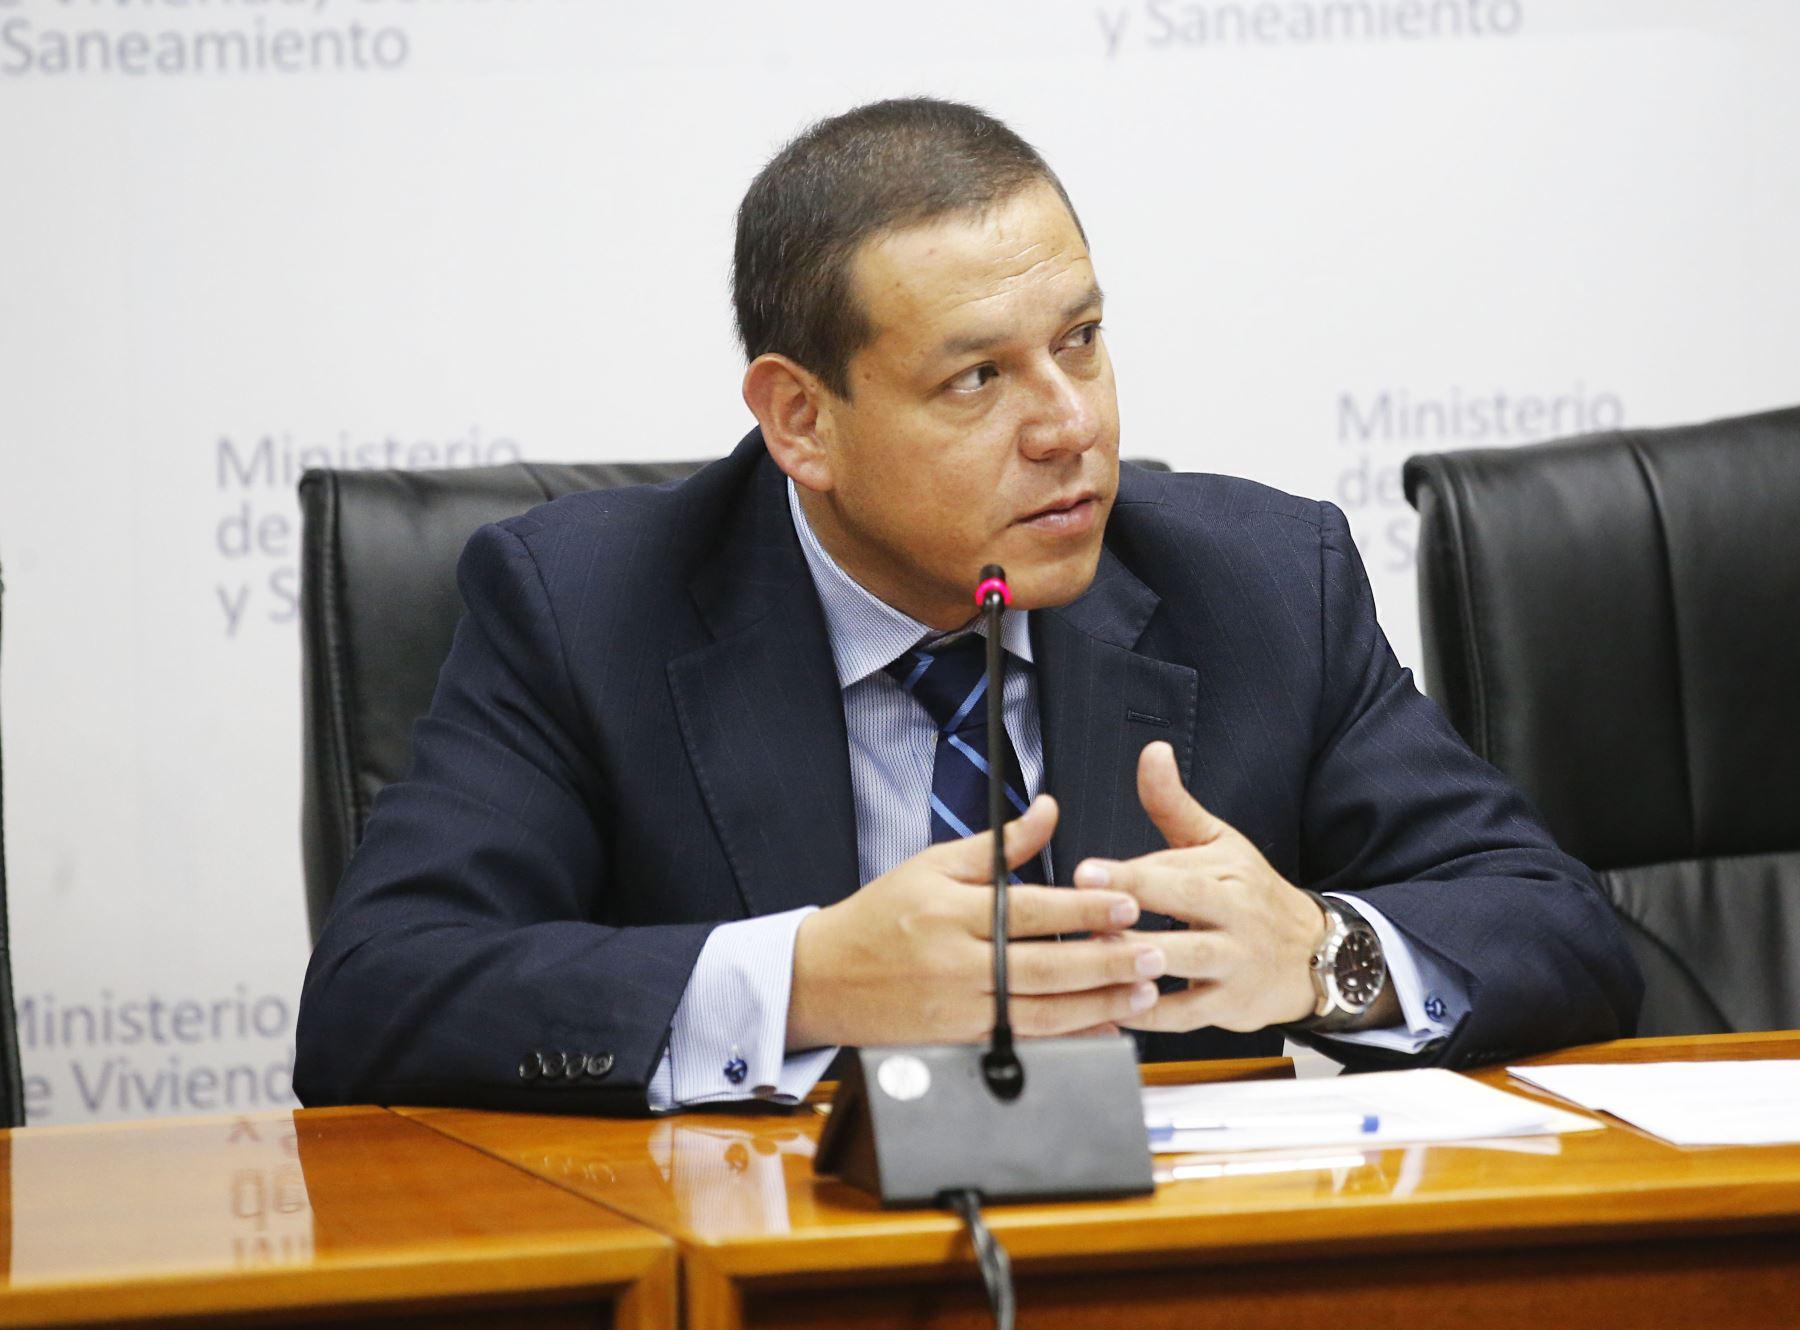 Viceministro de Vivienda y Urbanismo, Jorge Arévalo Sánchez.Foto:  ANDINA/Difusión